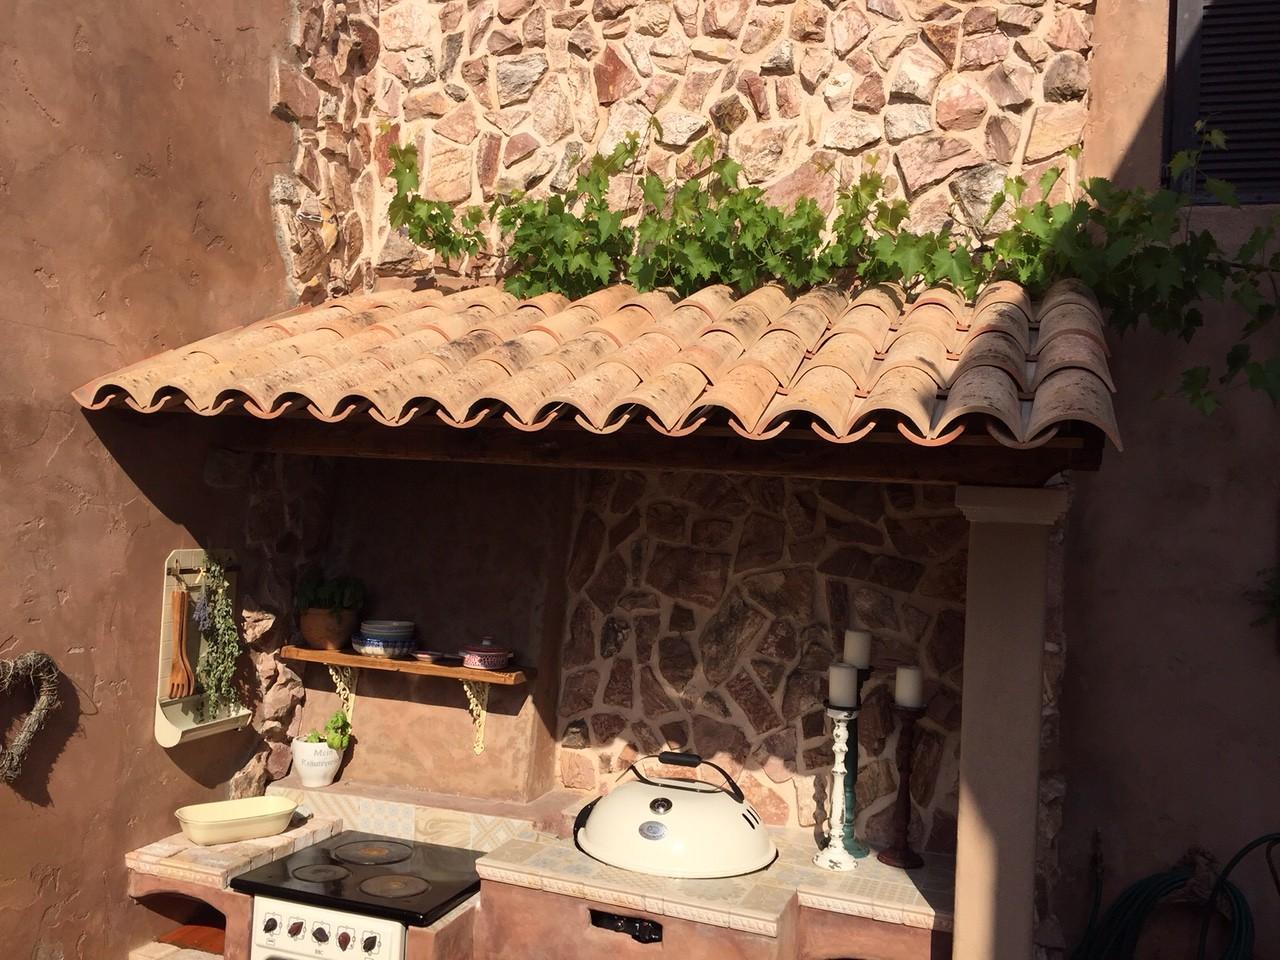 mediterrane m nch nonne ziegel als mauerabdeckung. Black Bedroom Furniture Sets. Home Design Ideas